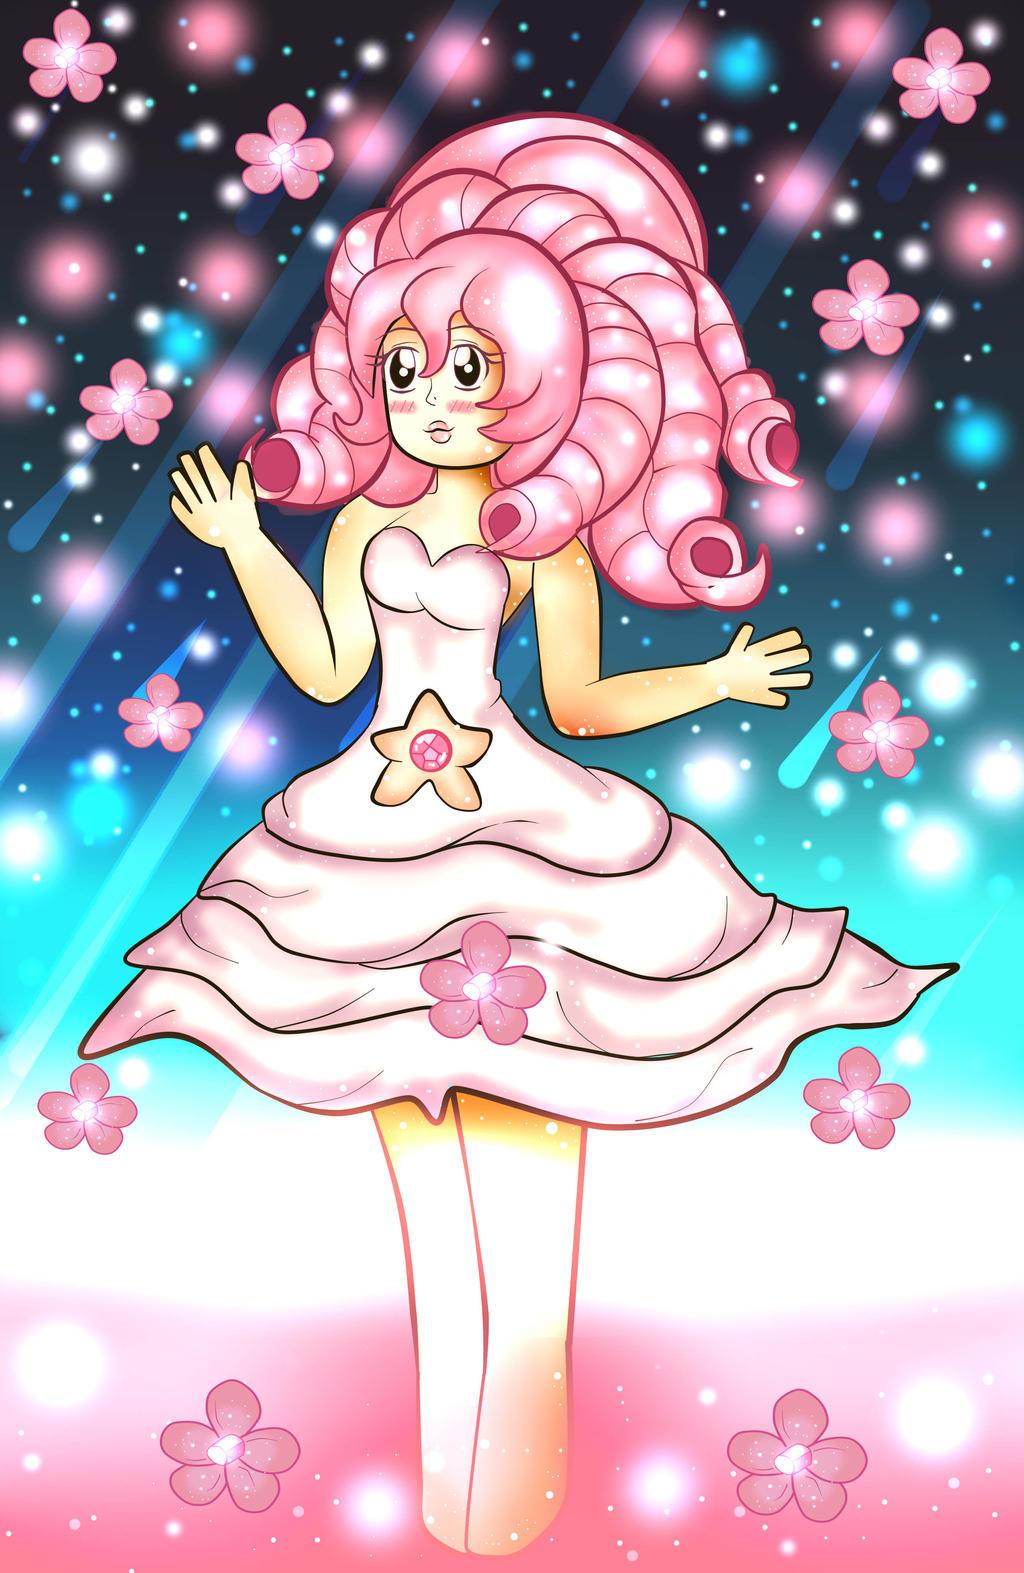 Rose quartz steven universe by alejandraquintero on deviantart - Rose quartz steven universe wallpaper ...